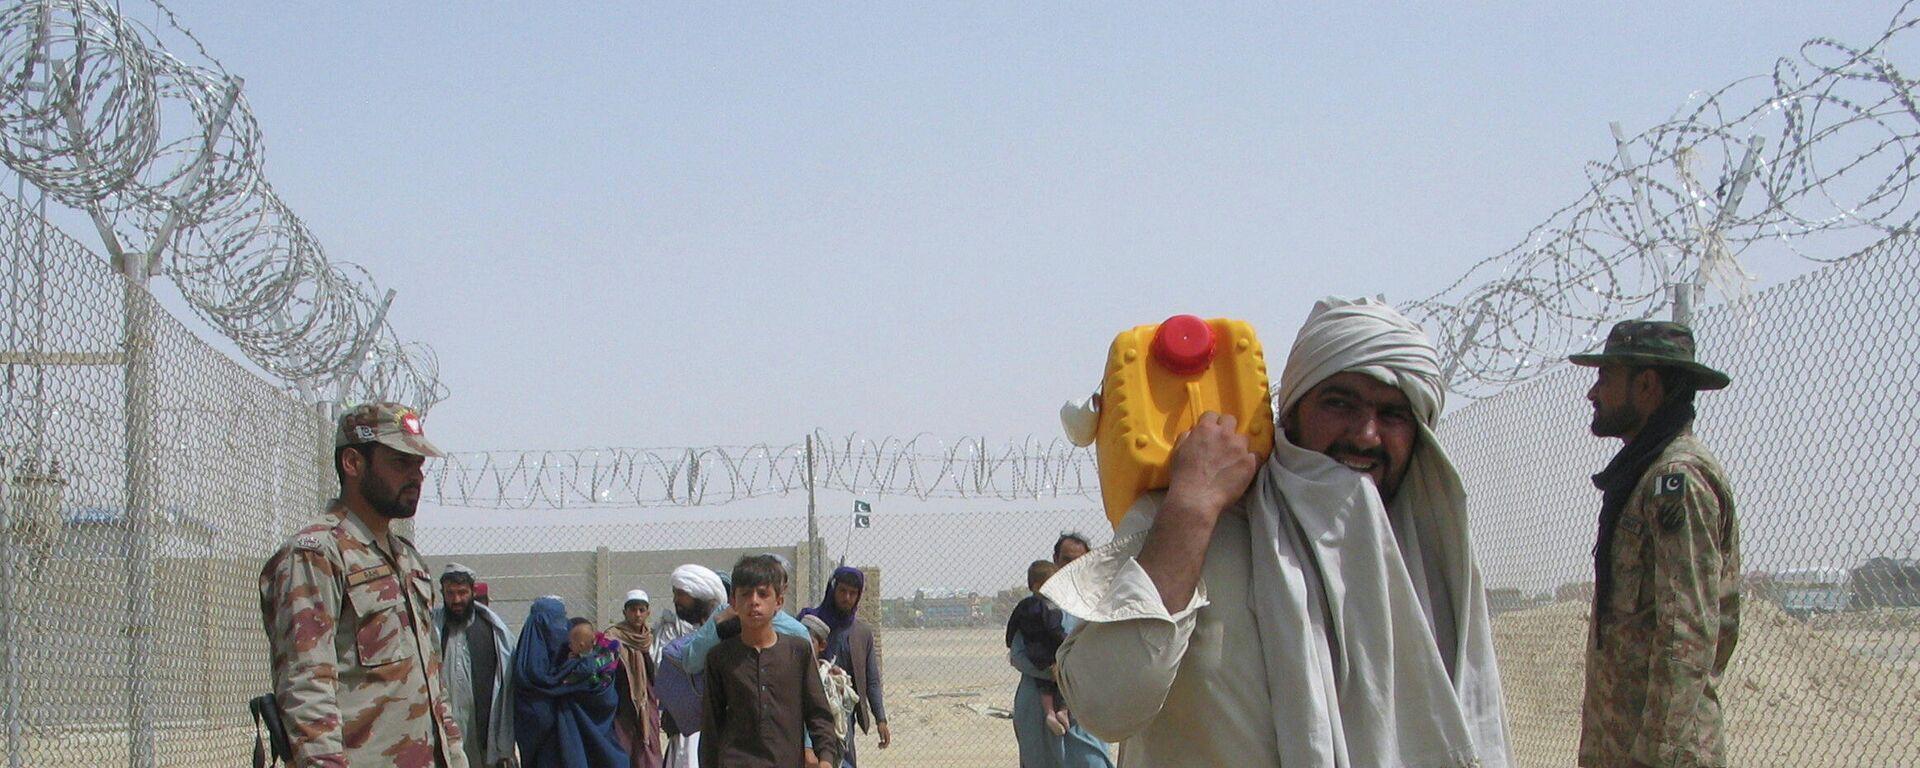 Las personas que llegan de Afganistán se dirigen al punto de cruce de Friendship Gate en la ciudad fronteriza entre Pakistán y Afganistán de Chaman, Pakistán - Sputnik Mundo, 1920, 17.08.2021